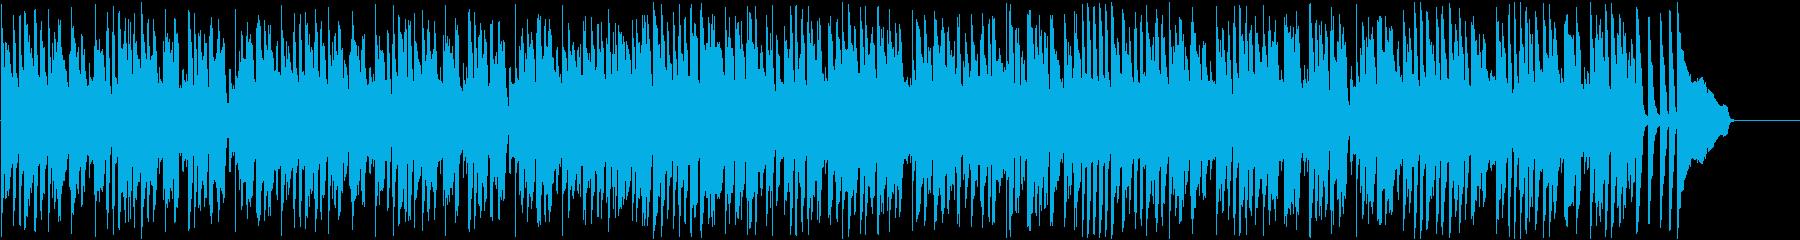 ジャズ・楽しい・パーティ・ワイワイの再生済みの波形